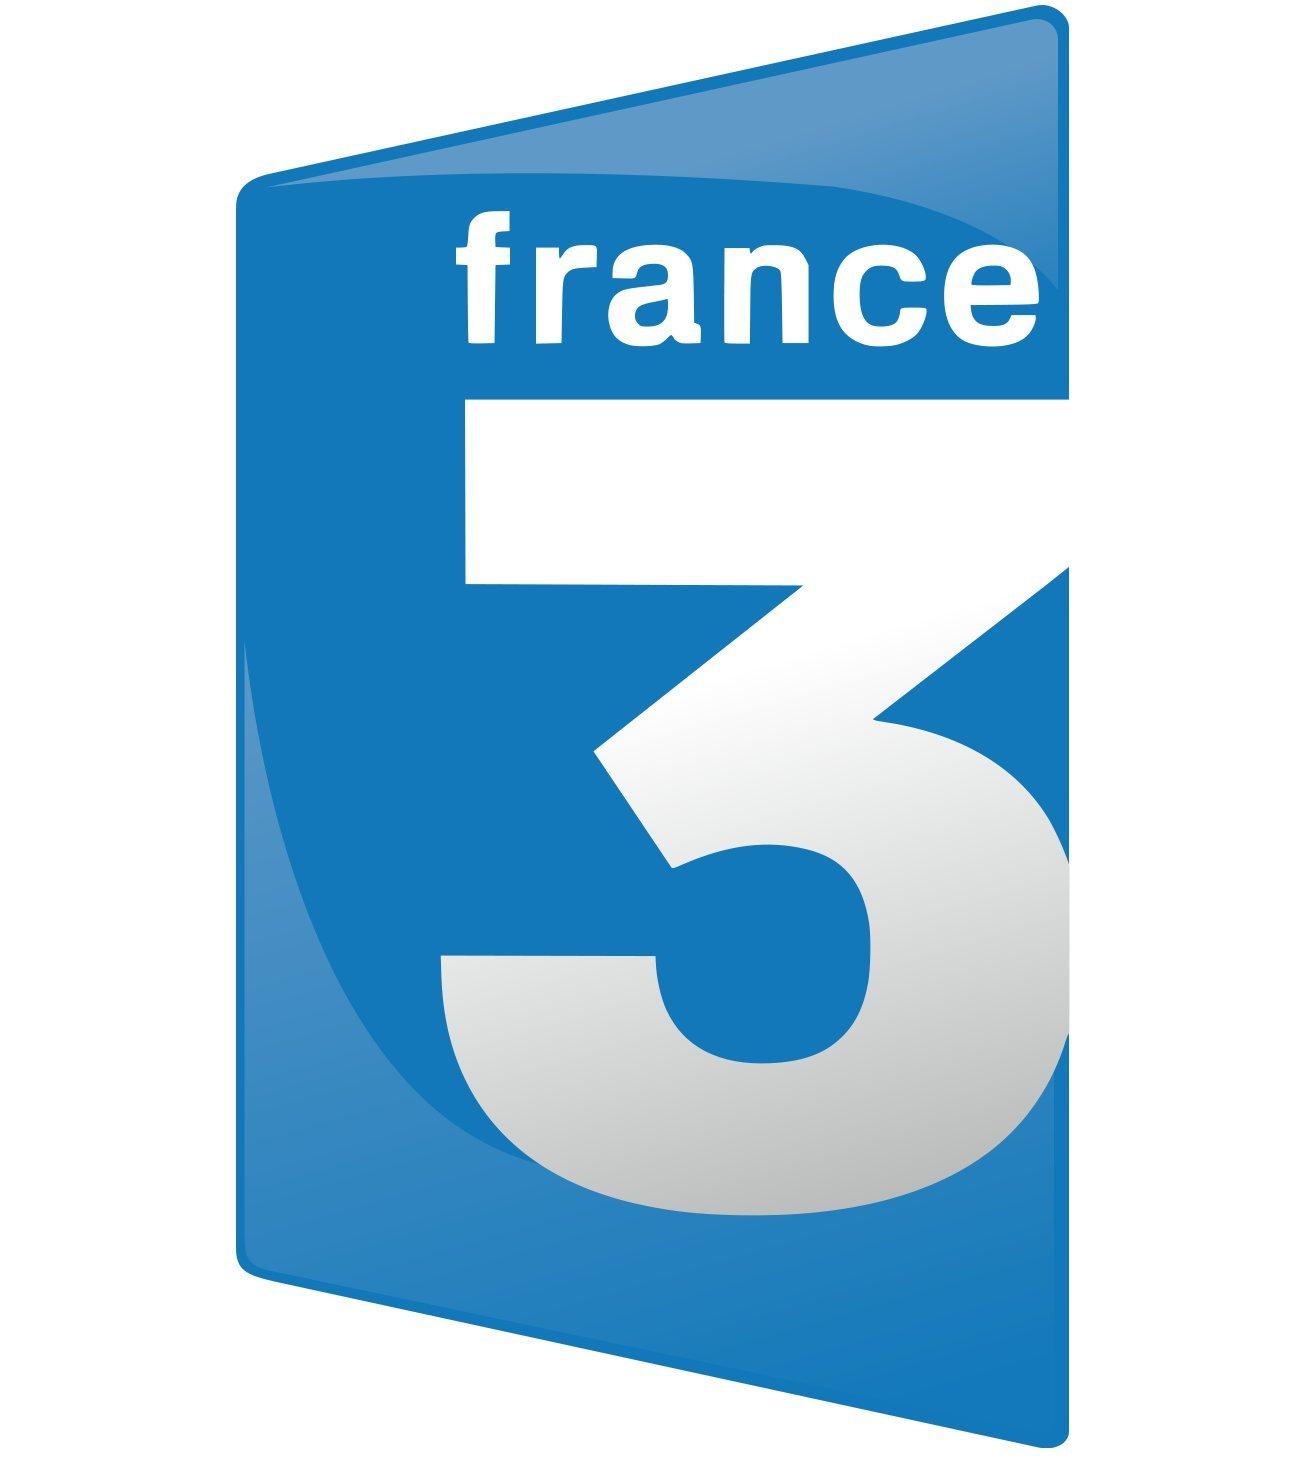 """Résultat de recherche d'images pour """"france 3 logo 2016"""""""